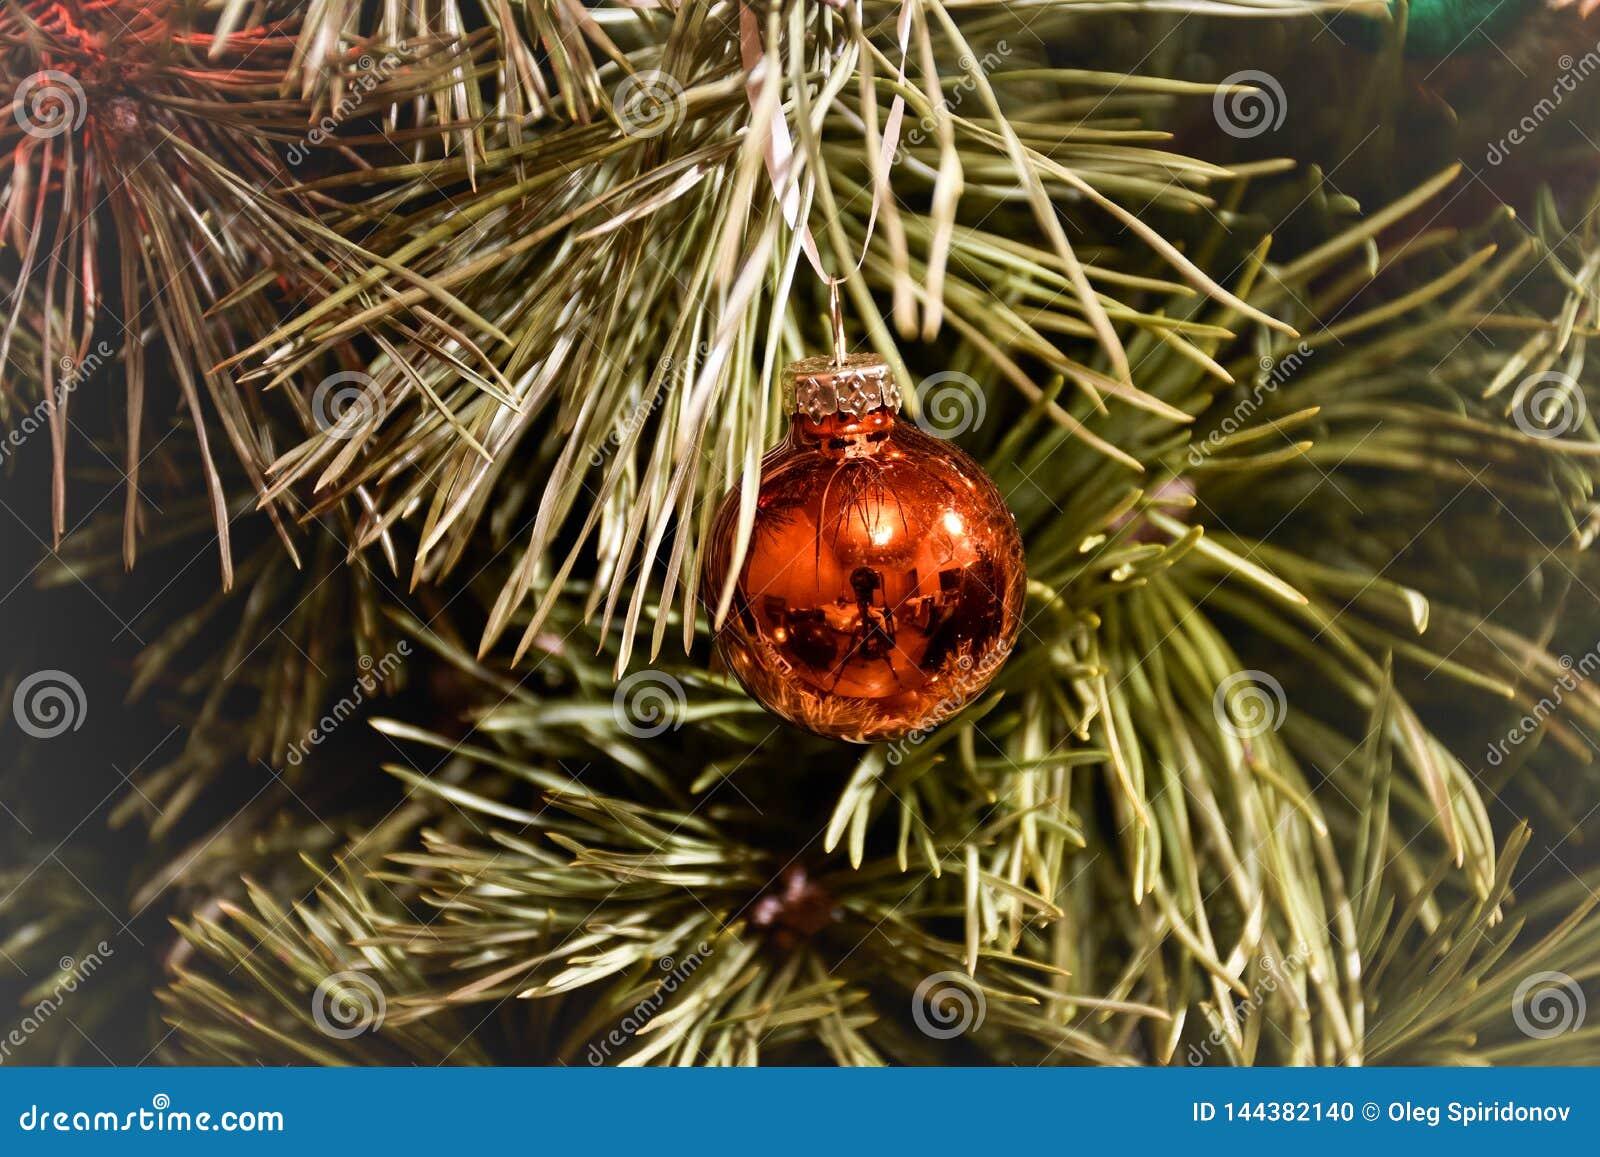 Brinquedo da árvore de Natal em um close-up do ramo